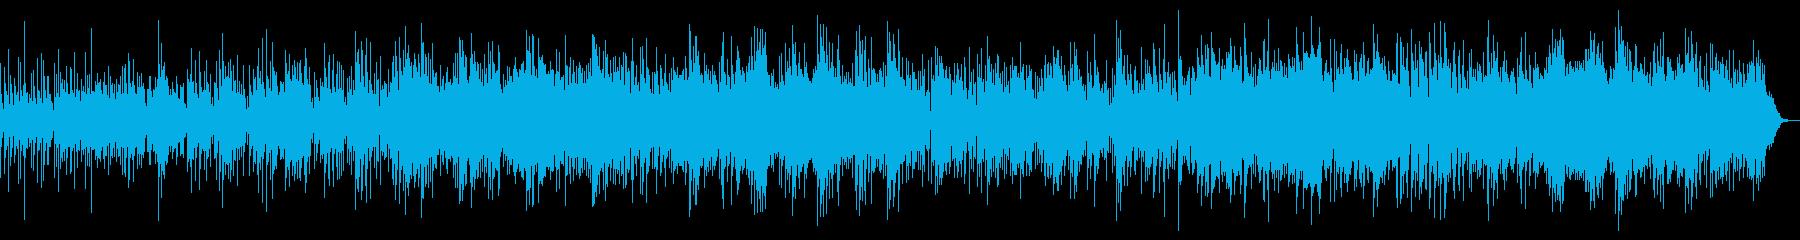 アコースティックグランドピアノ、フ...の再生済みの波形